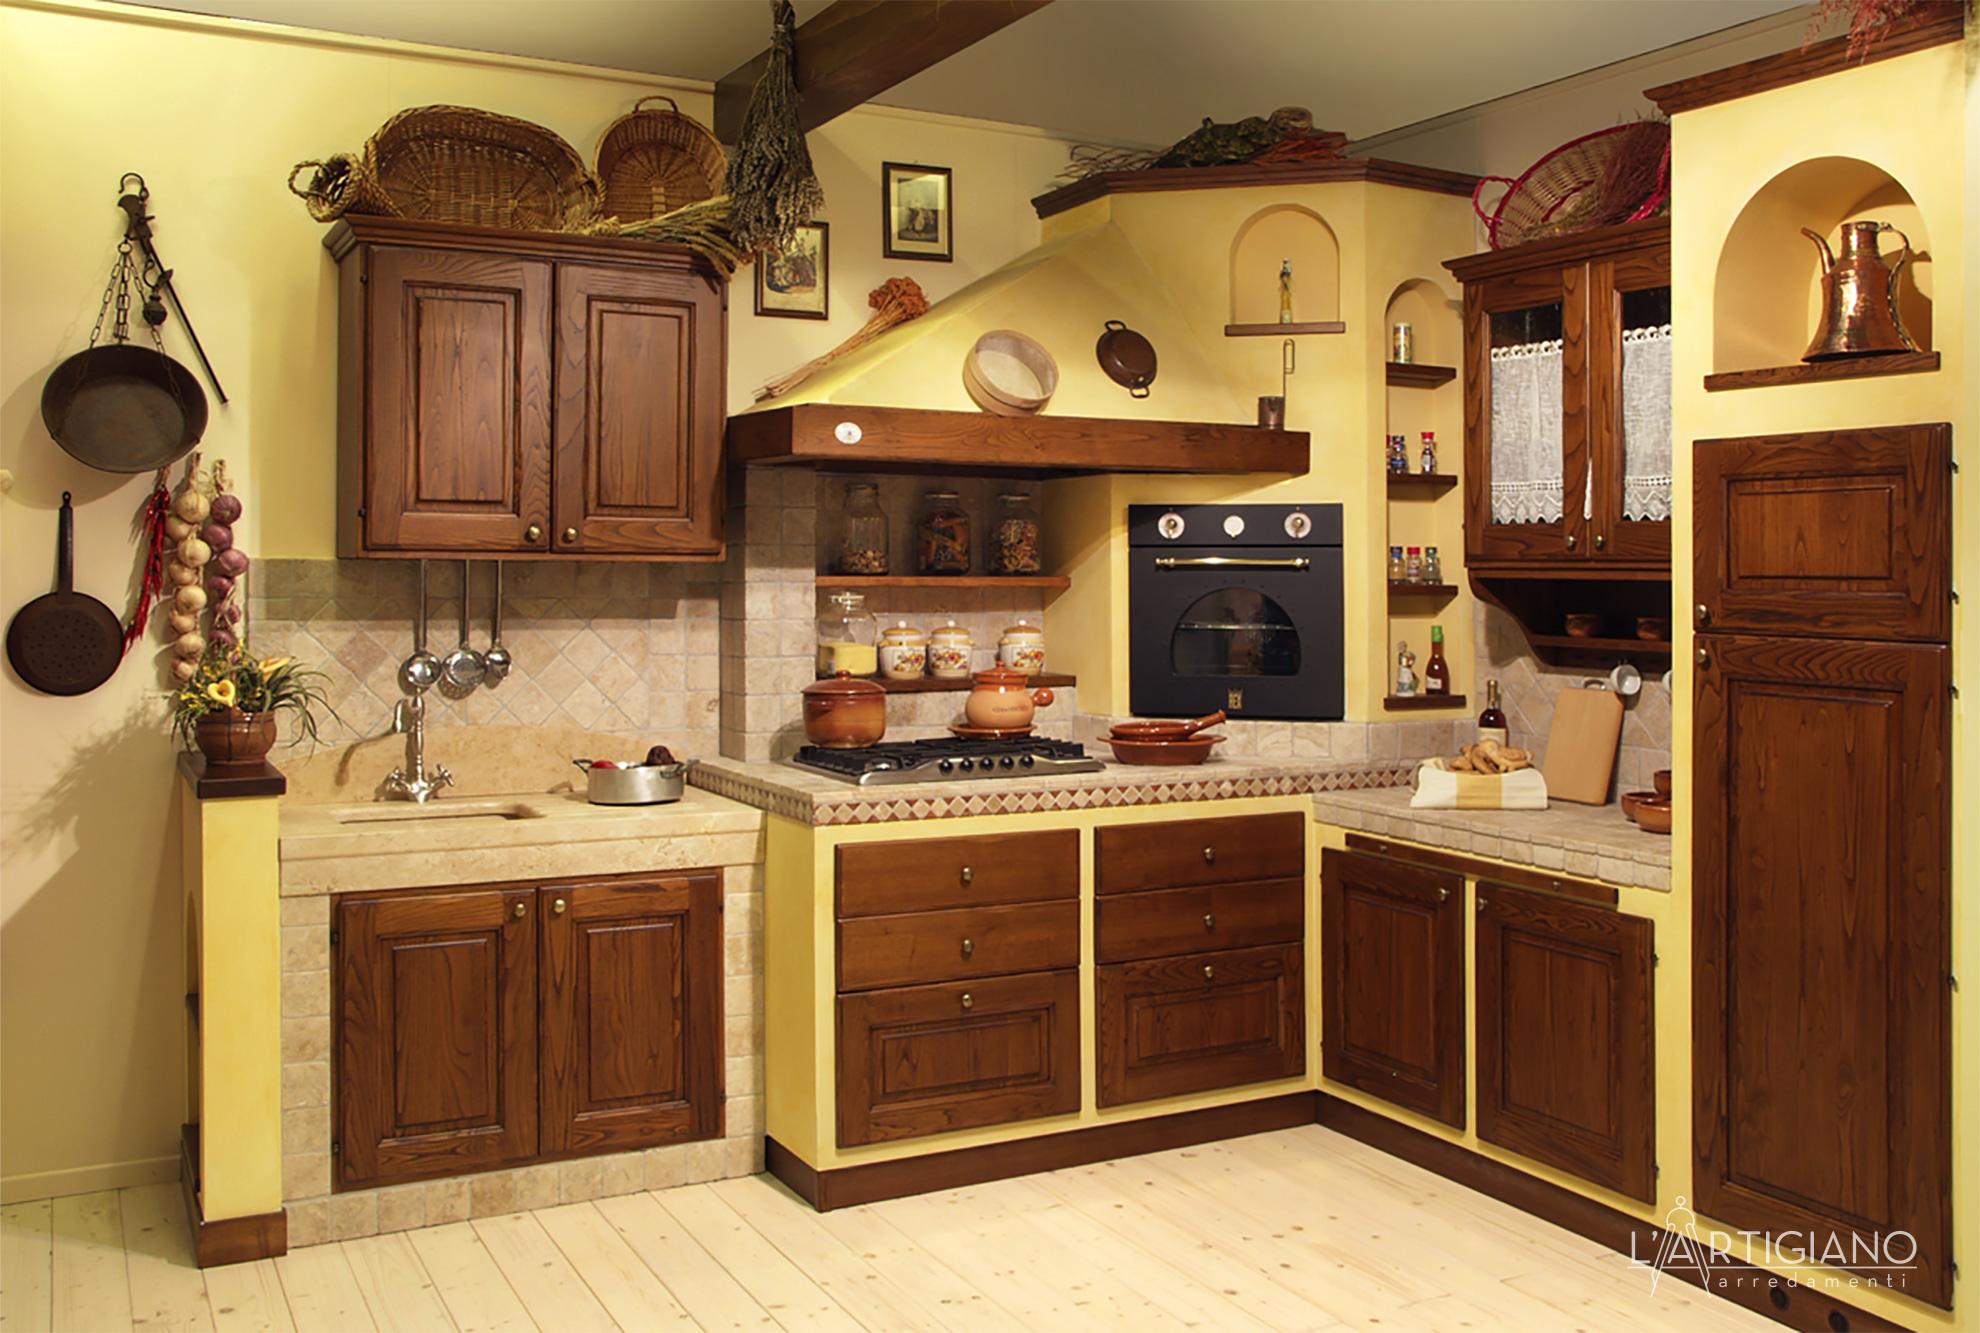 Forno Cucina In Muratura cucina angolare in muratura: cucina clivia - l'artigiano